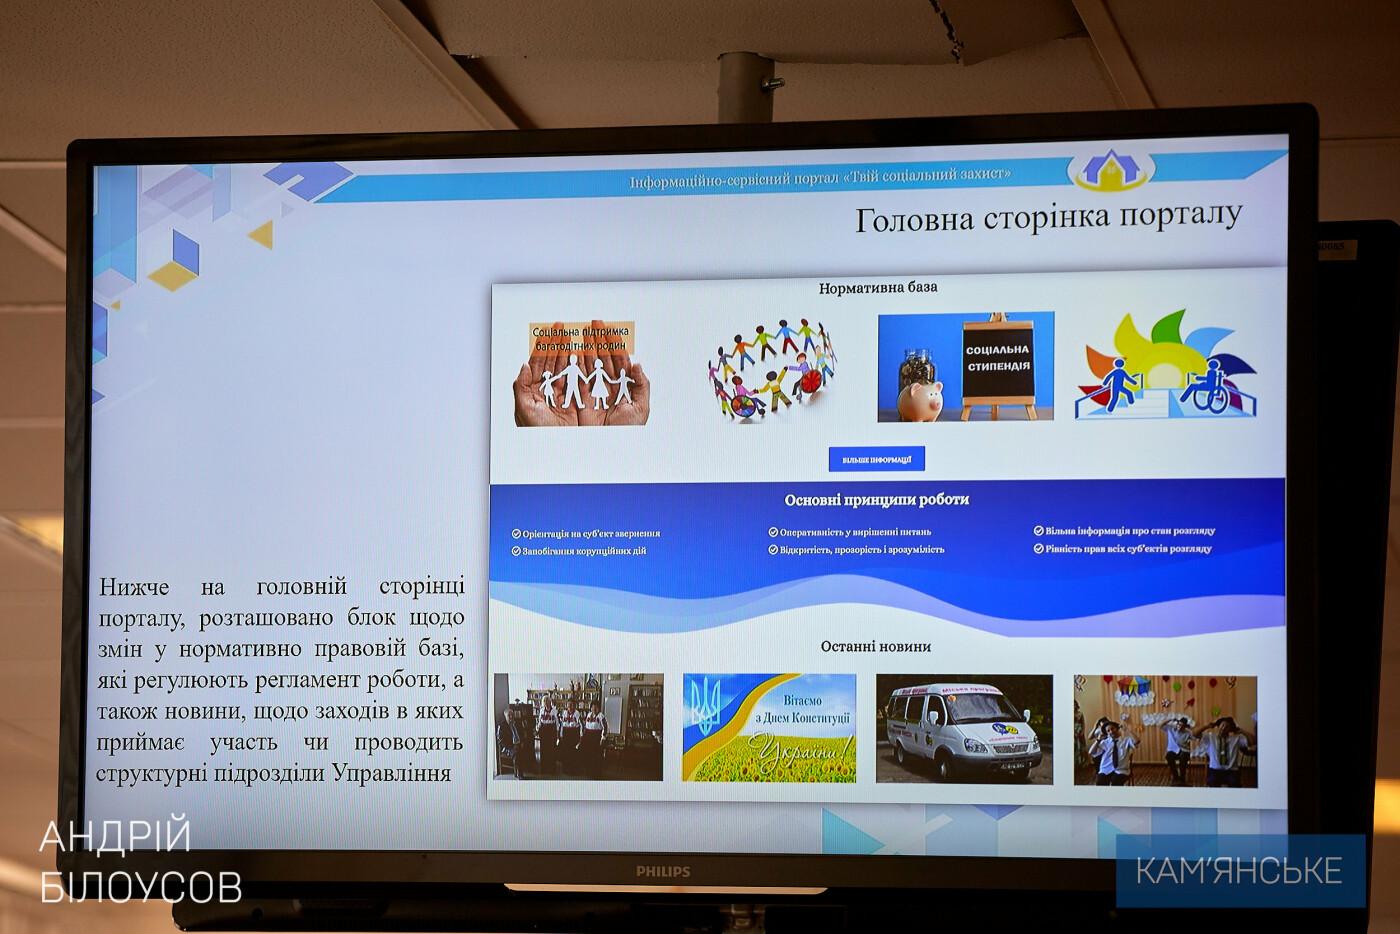 Субсидия онлайн: в Каменском разработали информационно-сервисный портал в сфере соцзащиты, фото-3